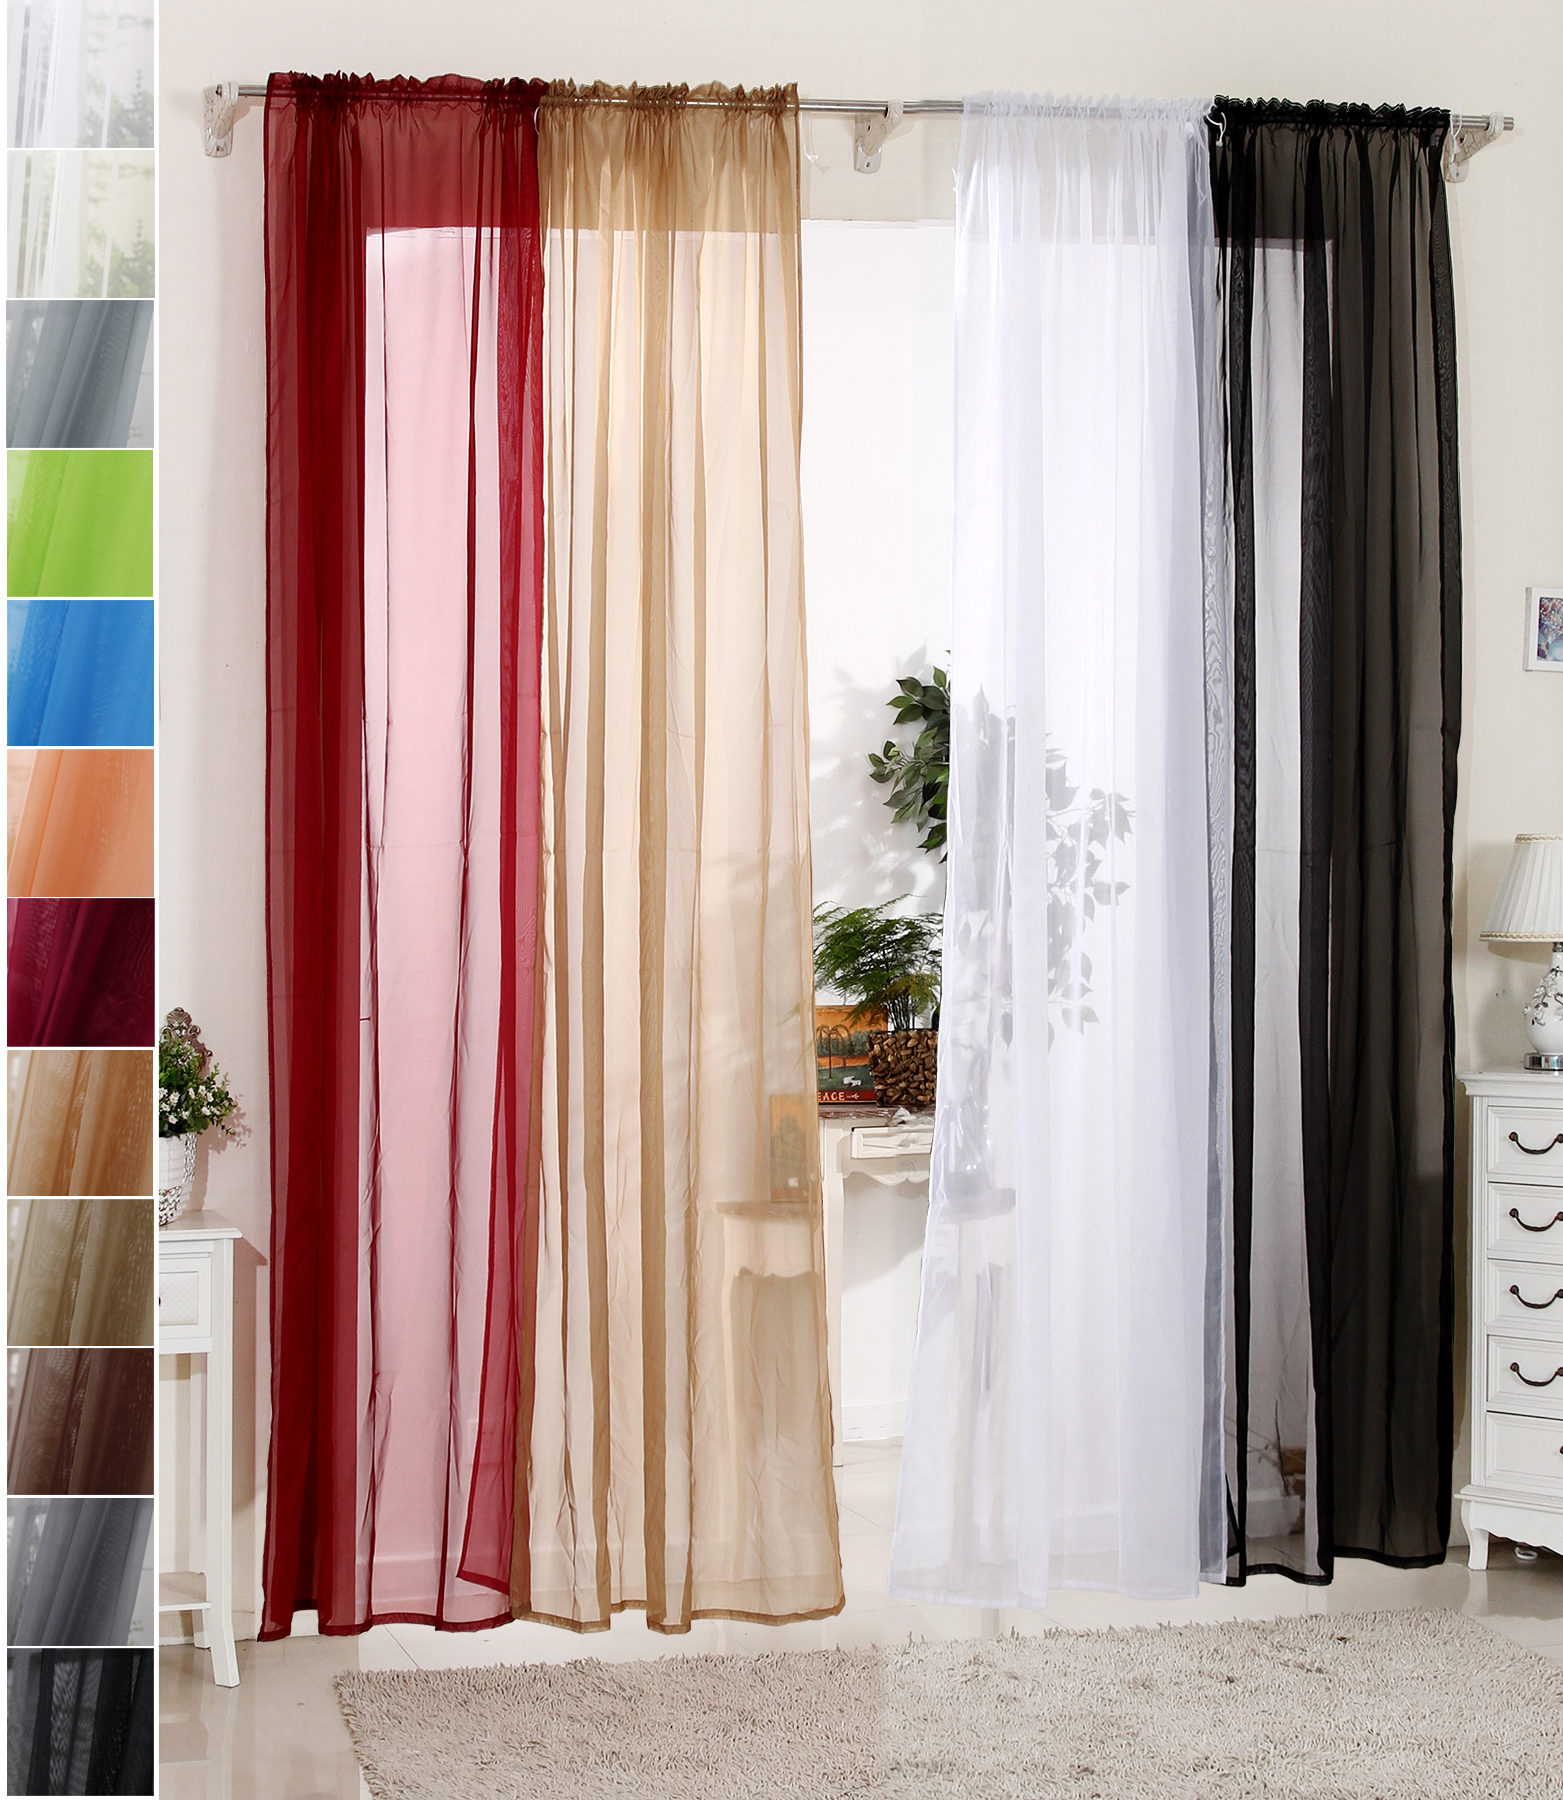 gardinen stores vorhang transparent sen schal fensterschal vorh nge voile nrw. Black Bedroom Furniture Sets. Home Design Ideas